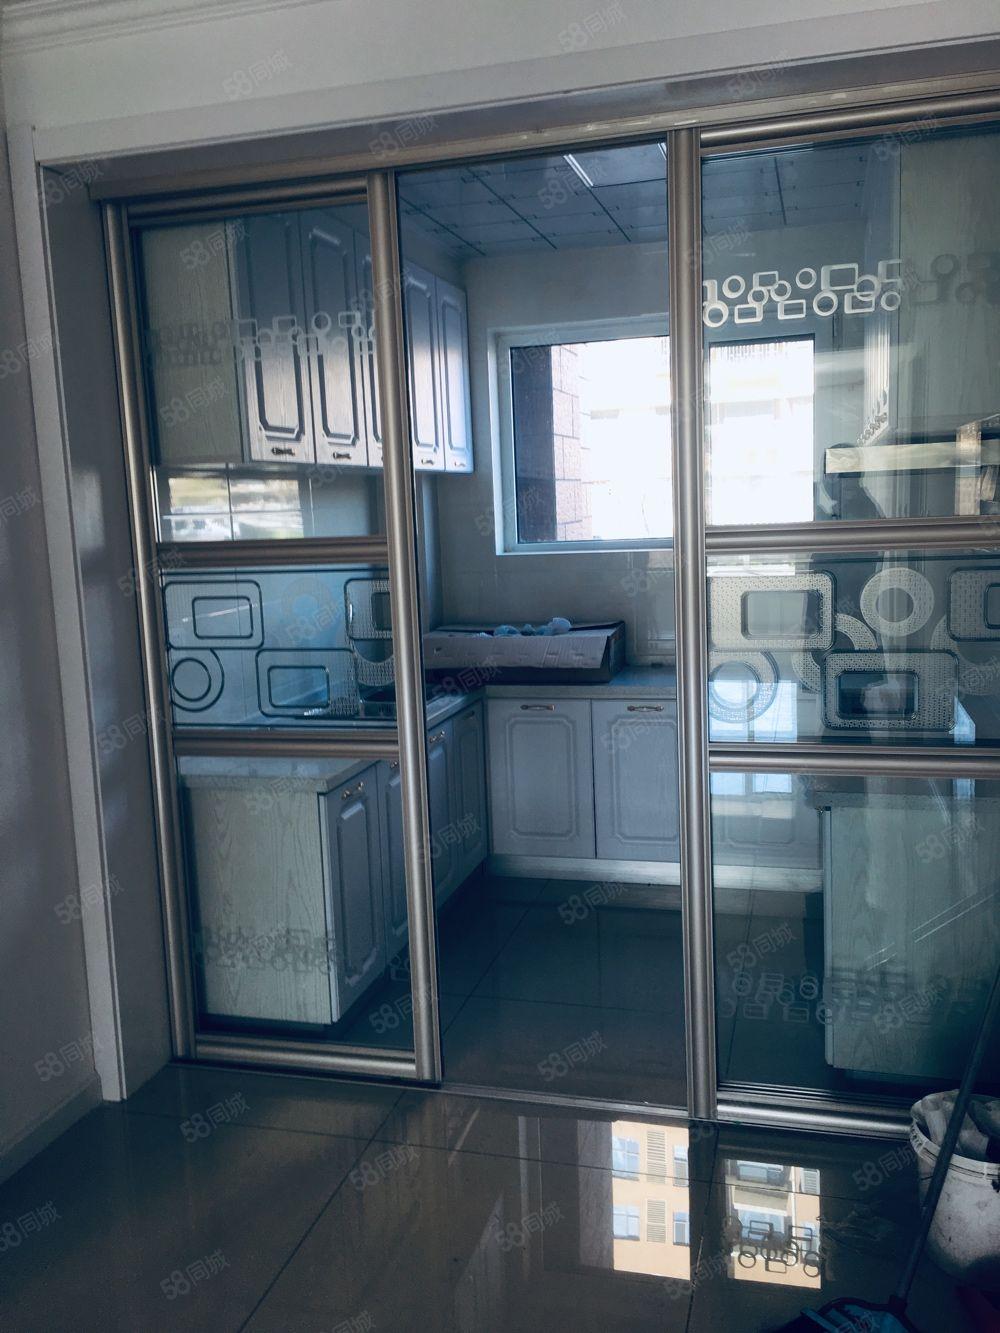 金丰家园现房低首付小区中心位置配套齐全学区房